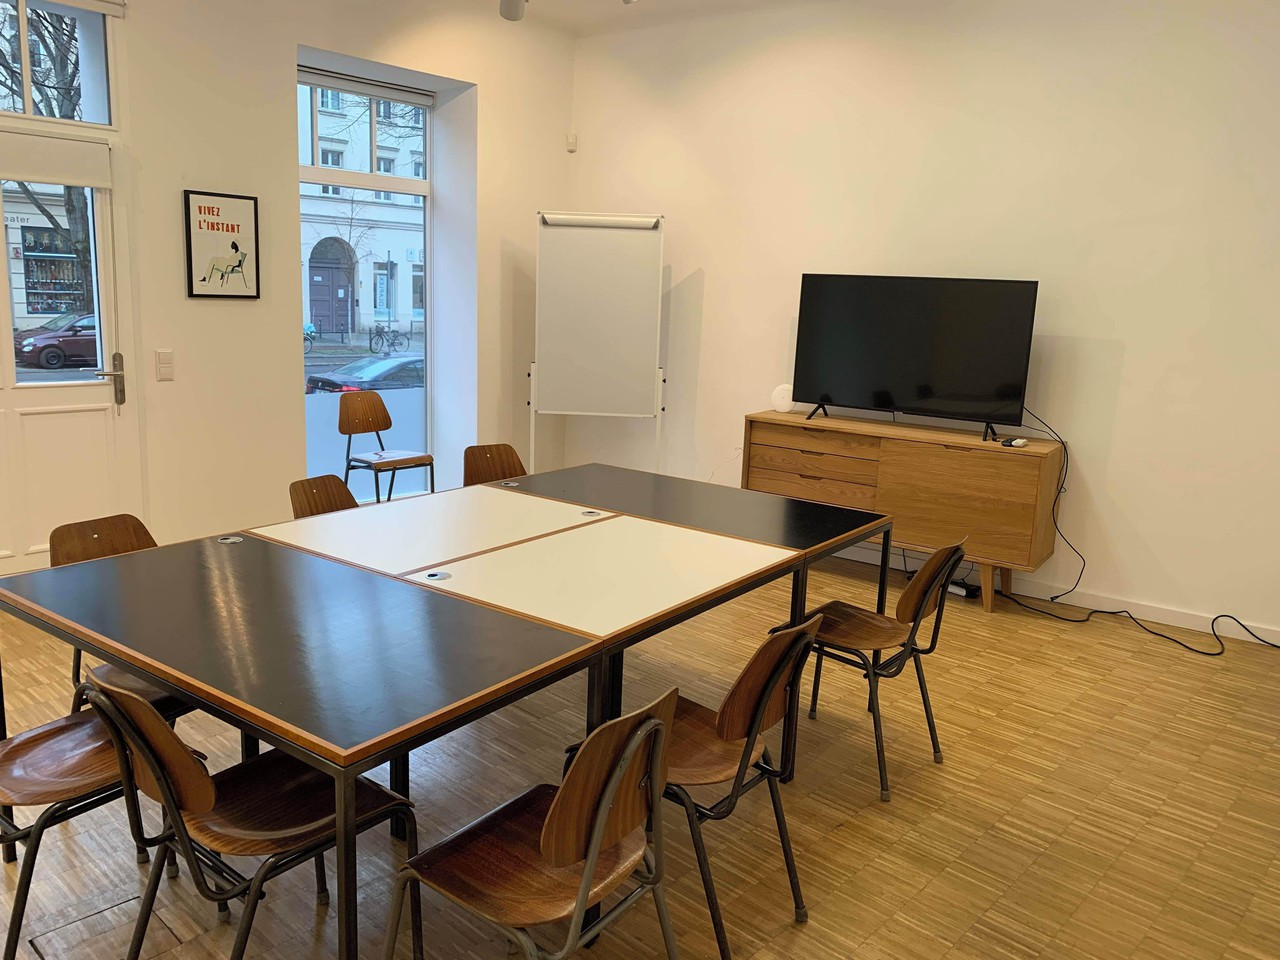 Berlin  Salle de réunion Le Workshop image 3